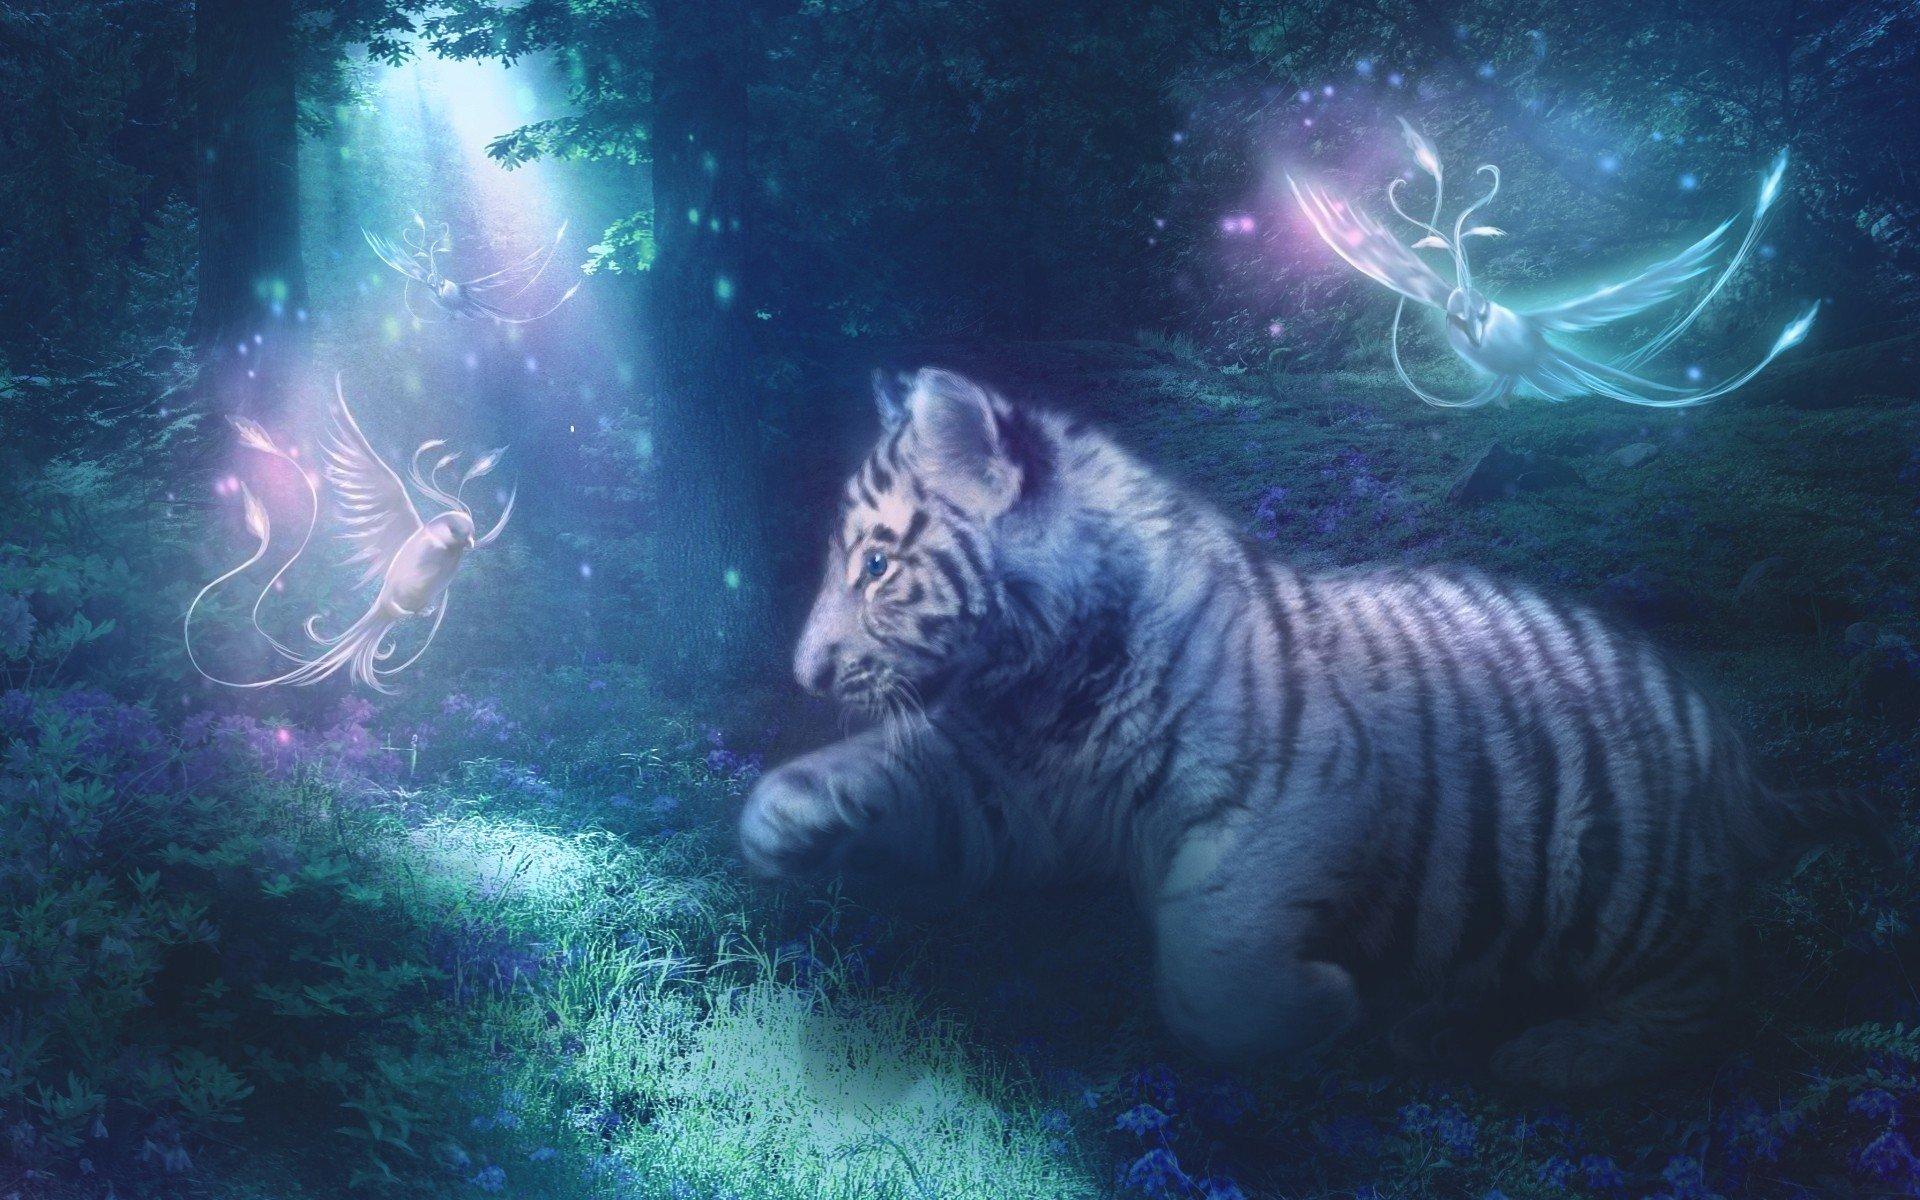 уложенные картинки фэнтези и тигры посещения этого кафе